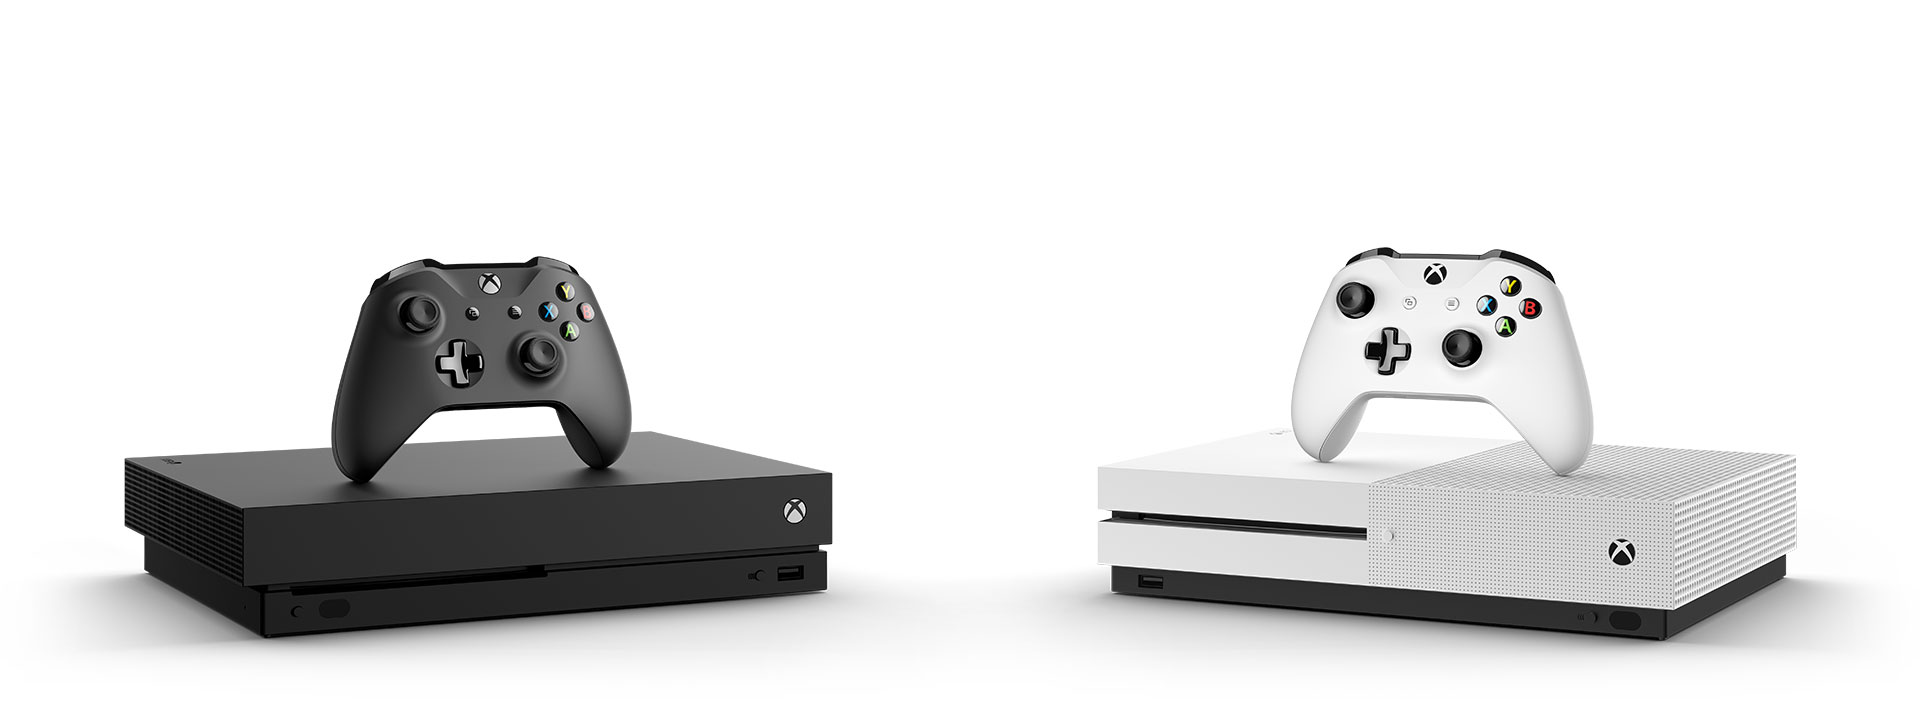 Consolas Xbox One en blanco y negro con controles en blanco y negro por encima